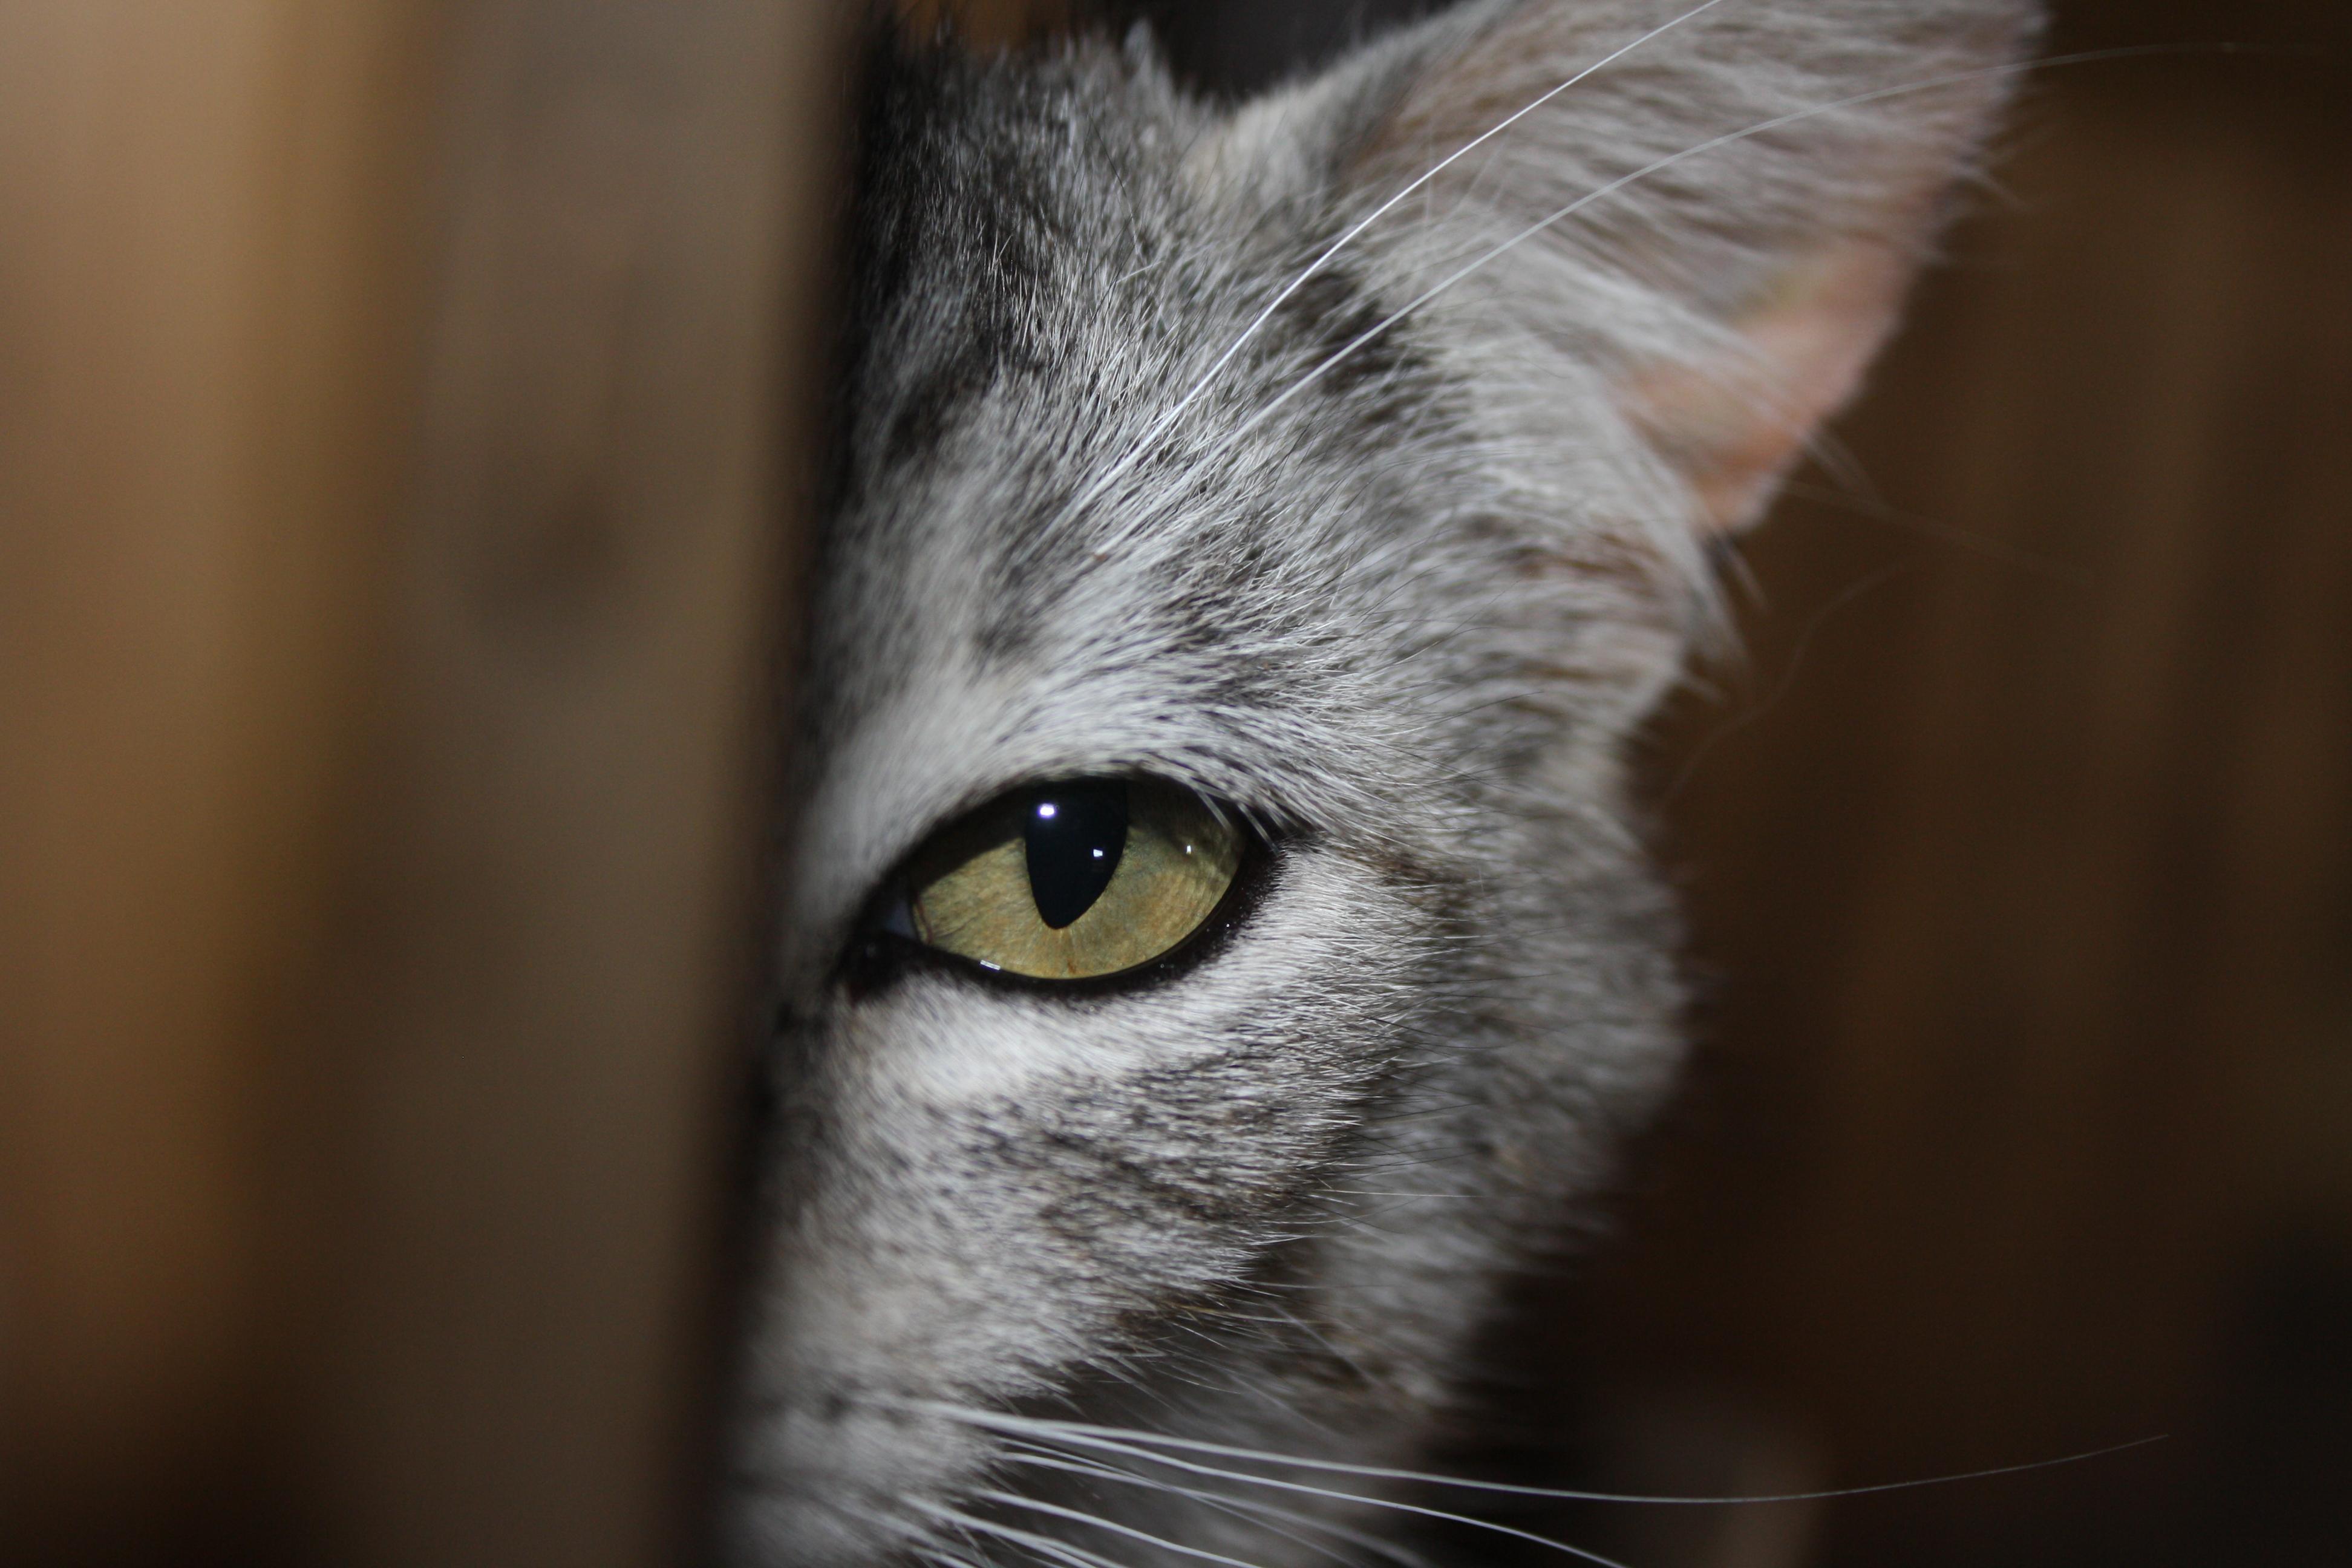 Sch visit kitten 3